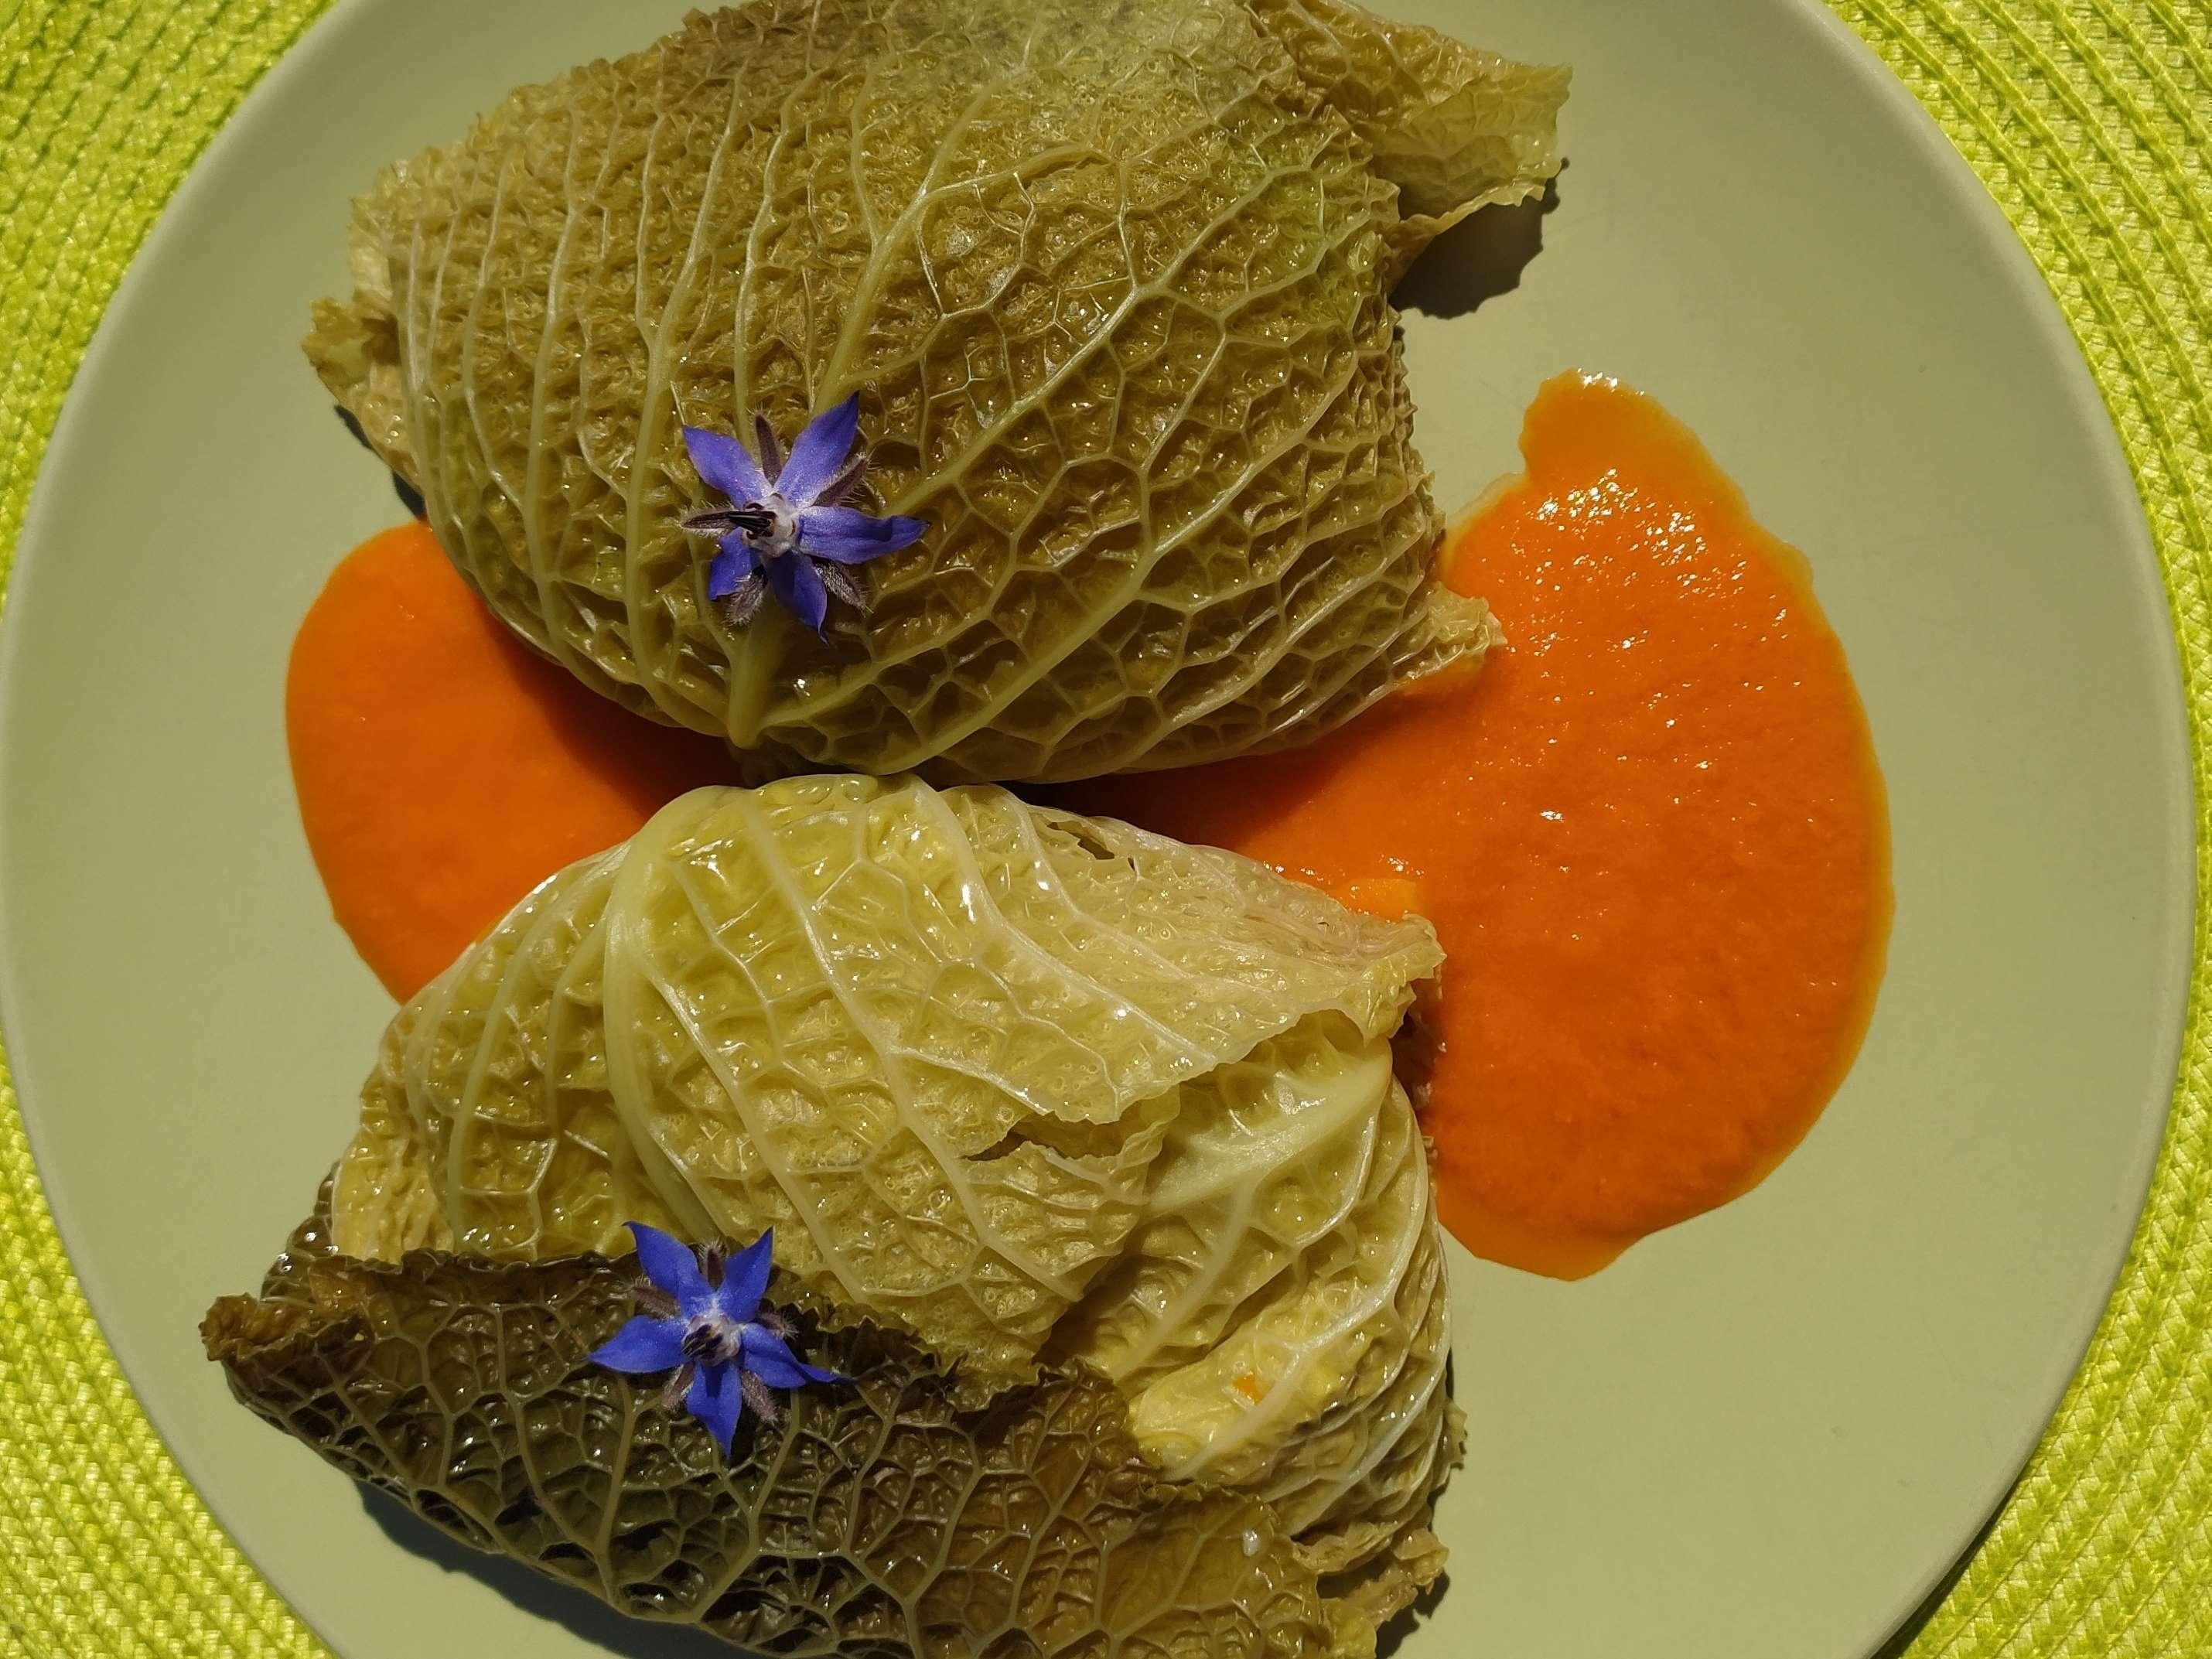 Ballotins de chou farci au quinoa, champignons et légumes